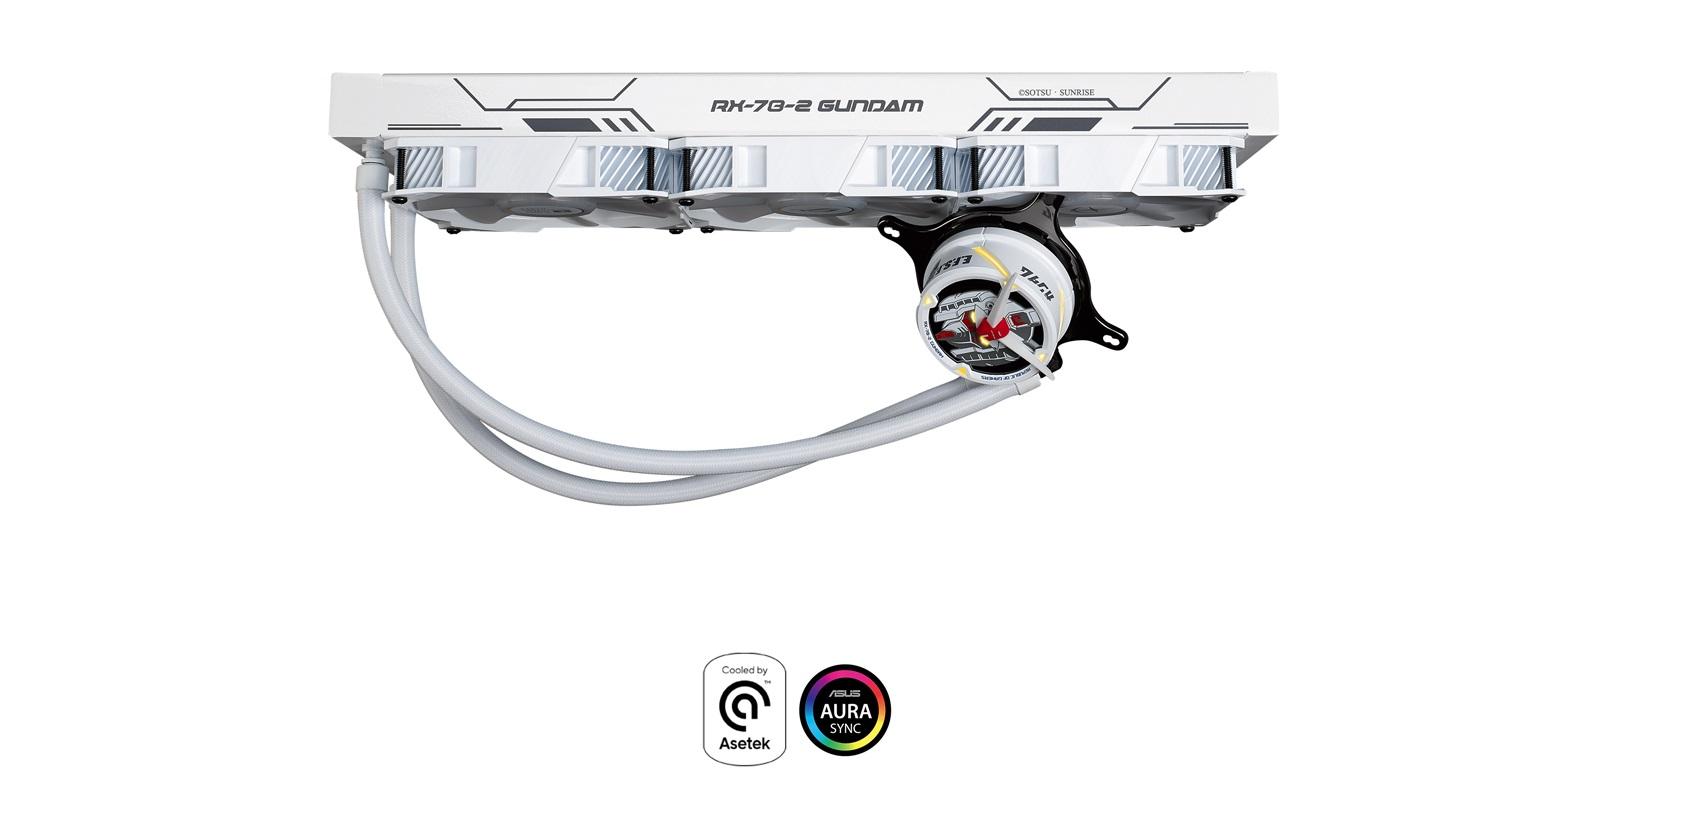 Tản nhiệt nước ASUS ROG STRIX LC 360 RGB GUNDAM với thiết kế nổi bật cùng màu trắng phong cách